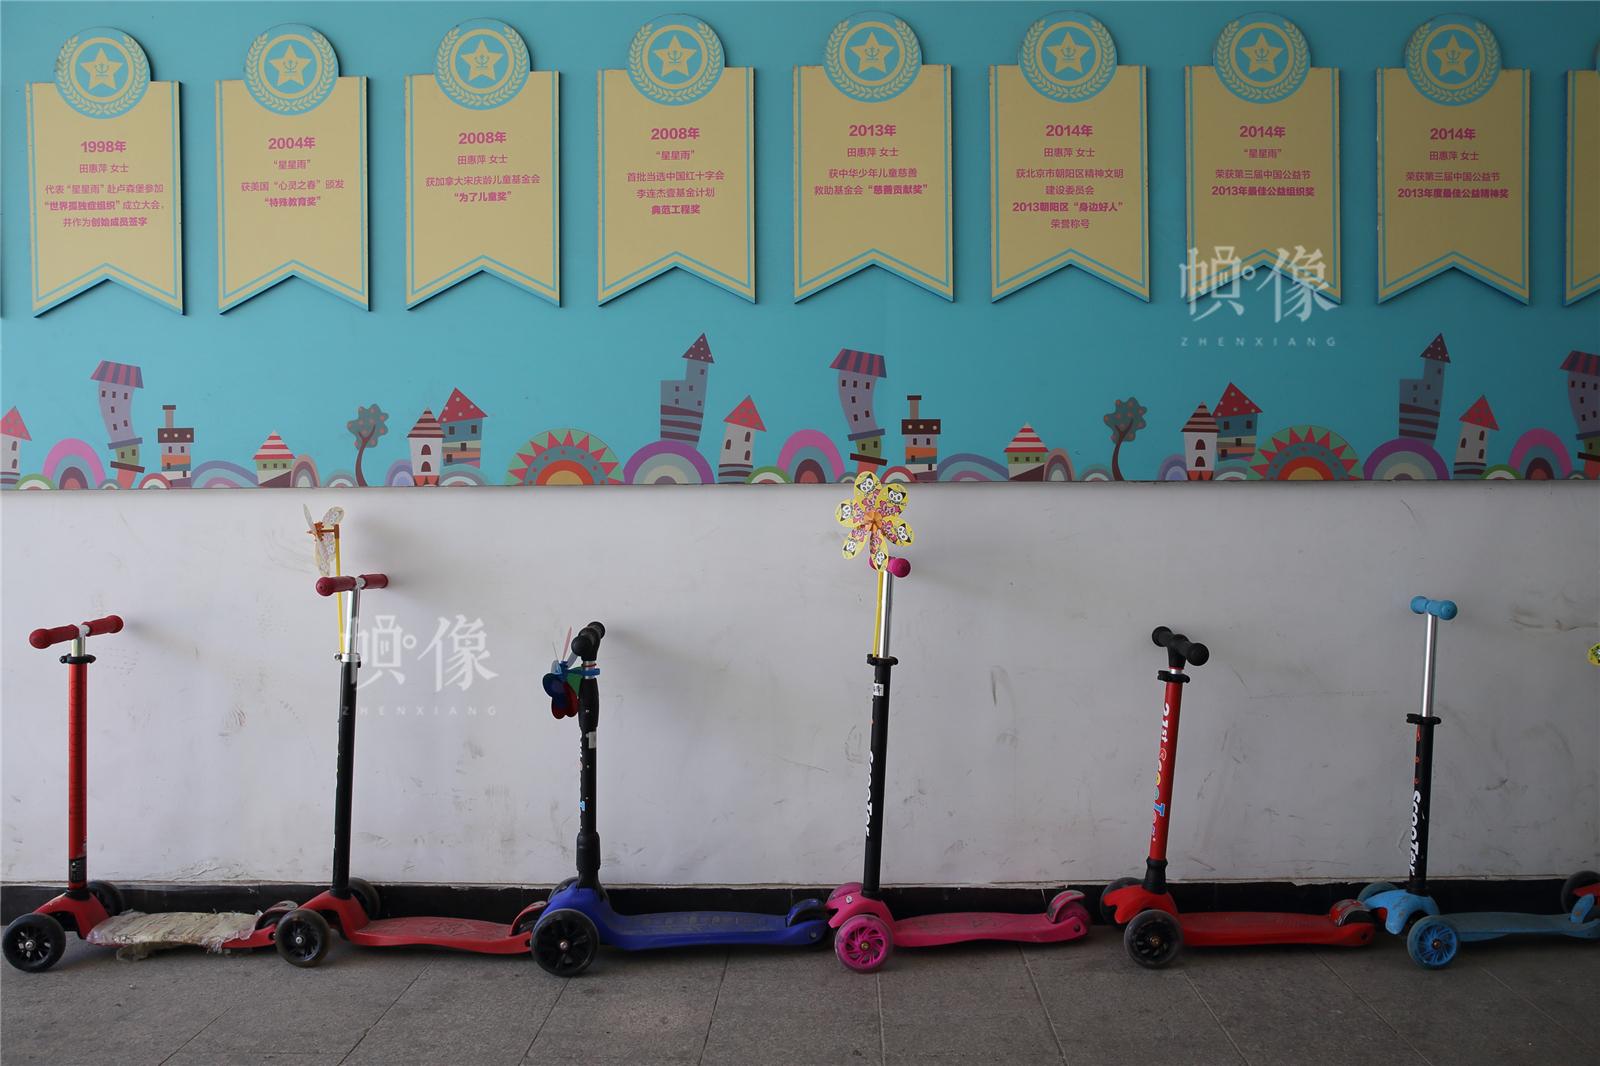 2017年3月27日,北京星星雨教育研究所,前来上课的孩子们的玩具车整齐地摆在校门内的墙边。中国网记者陈维松 摄